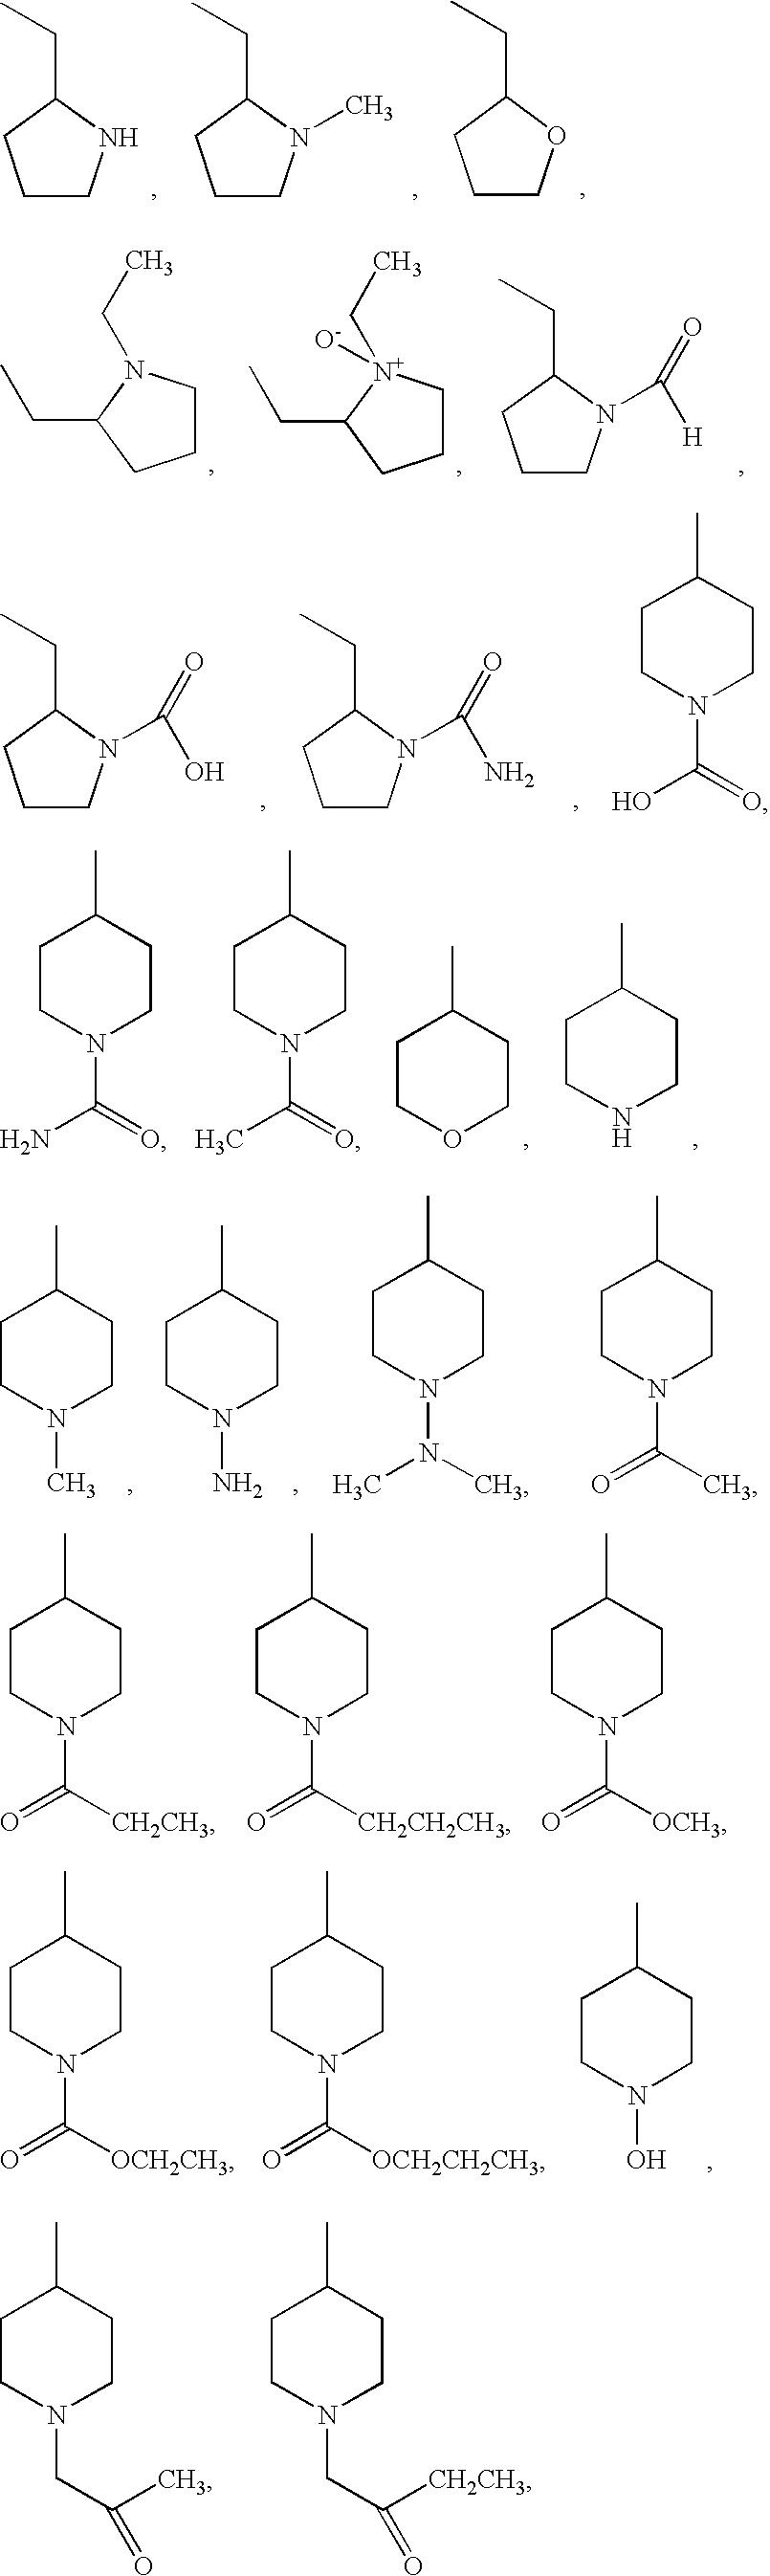 Figure US20050113341A1-20050526-C00091